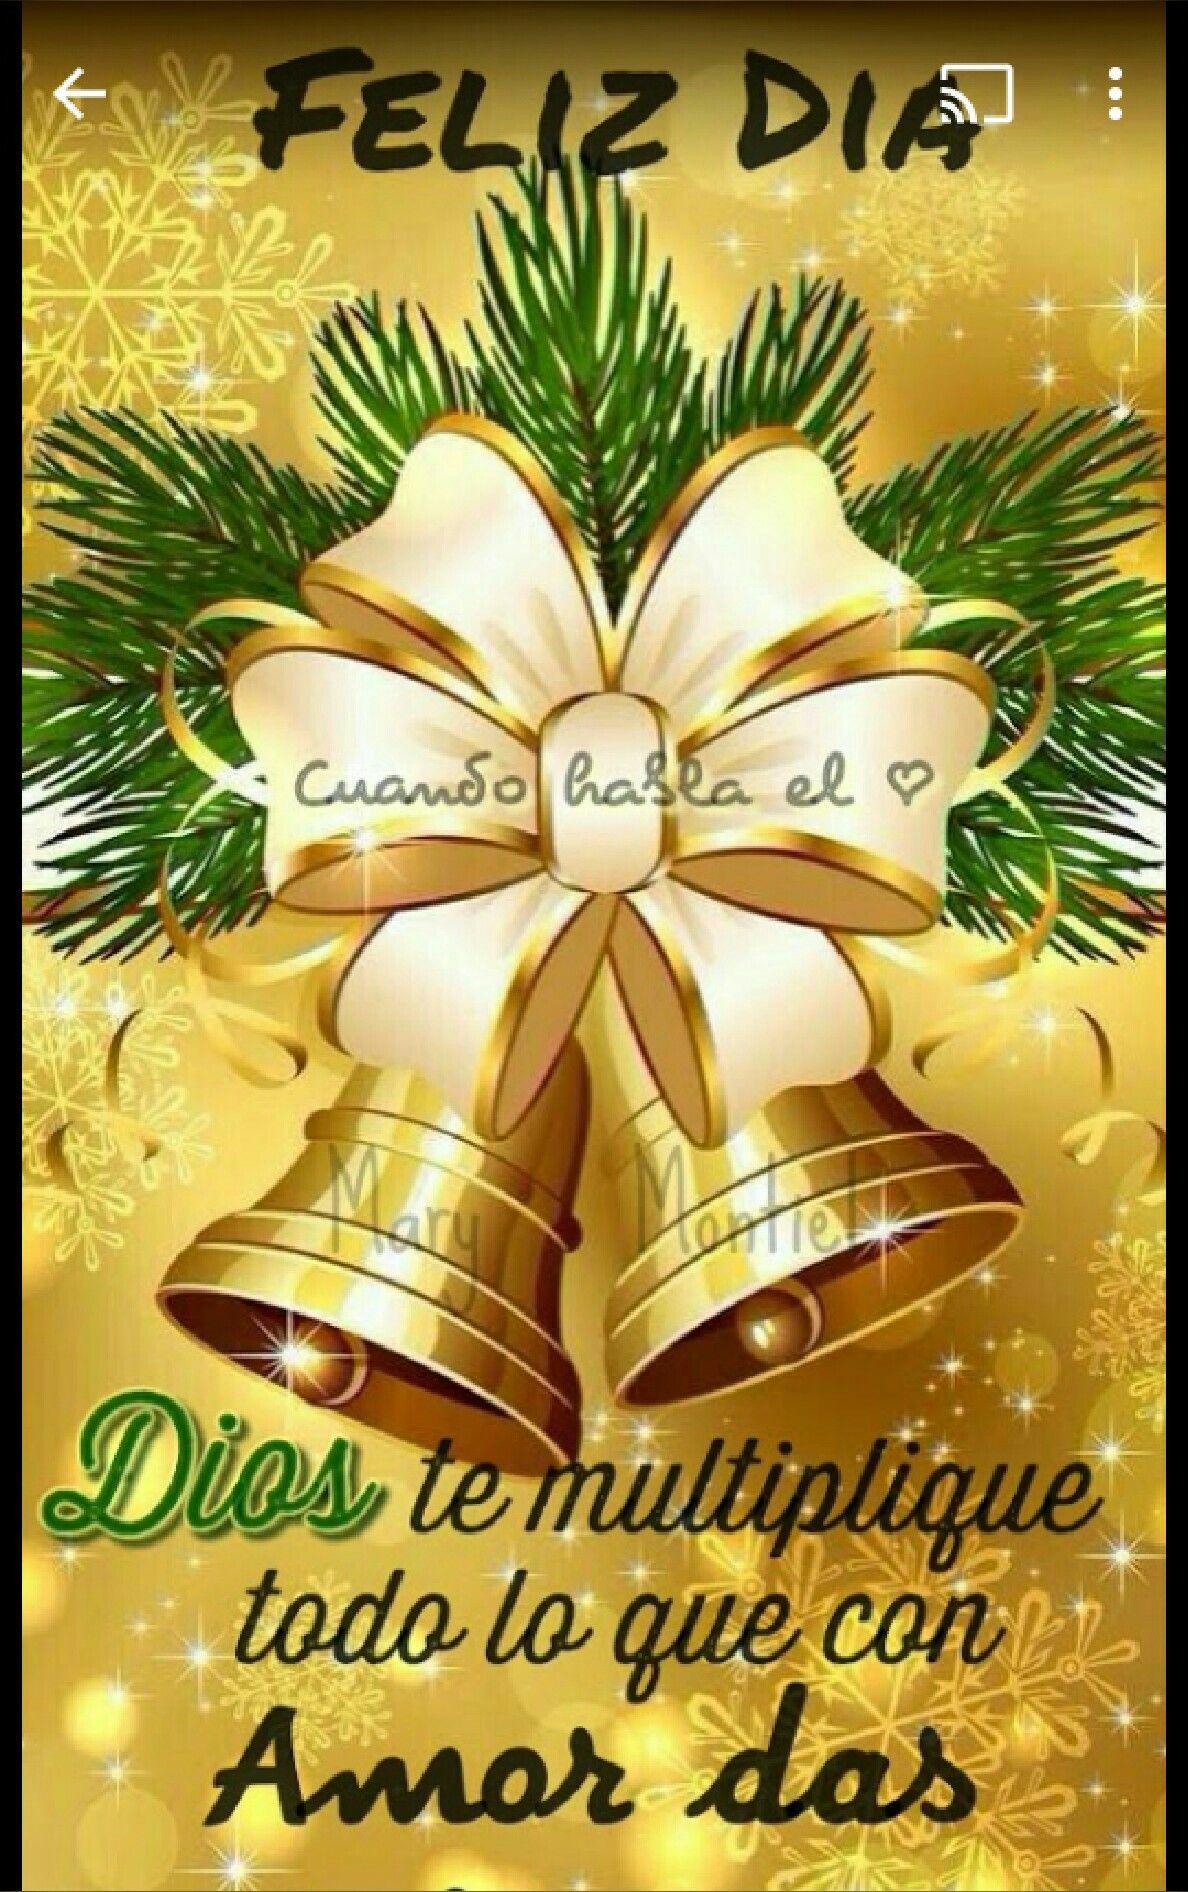 Pin De Marta Sanchez En Navidad Saludos De Buenos Dias Hola Buenos Dias Frases Mensaje De Feliz Dia